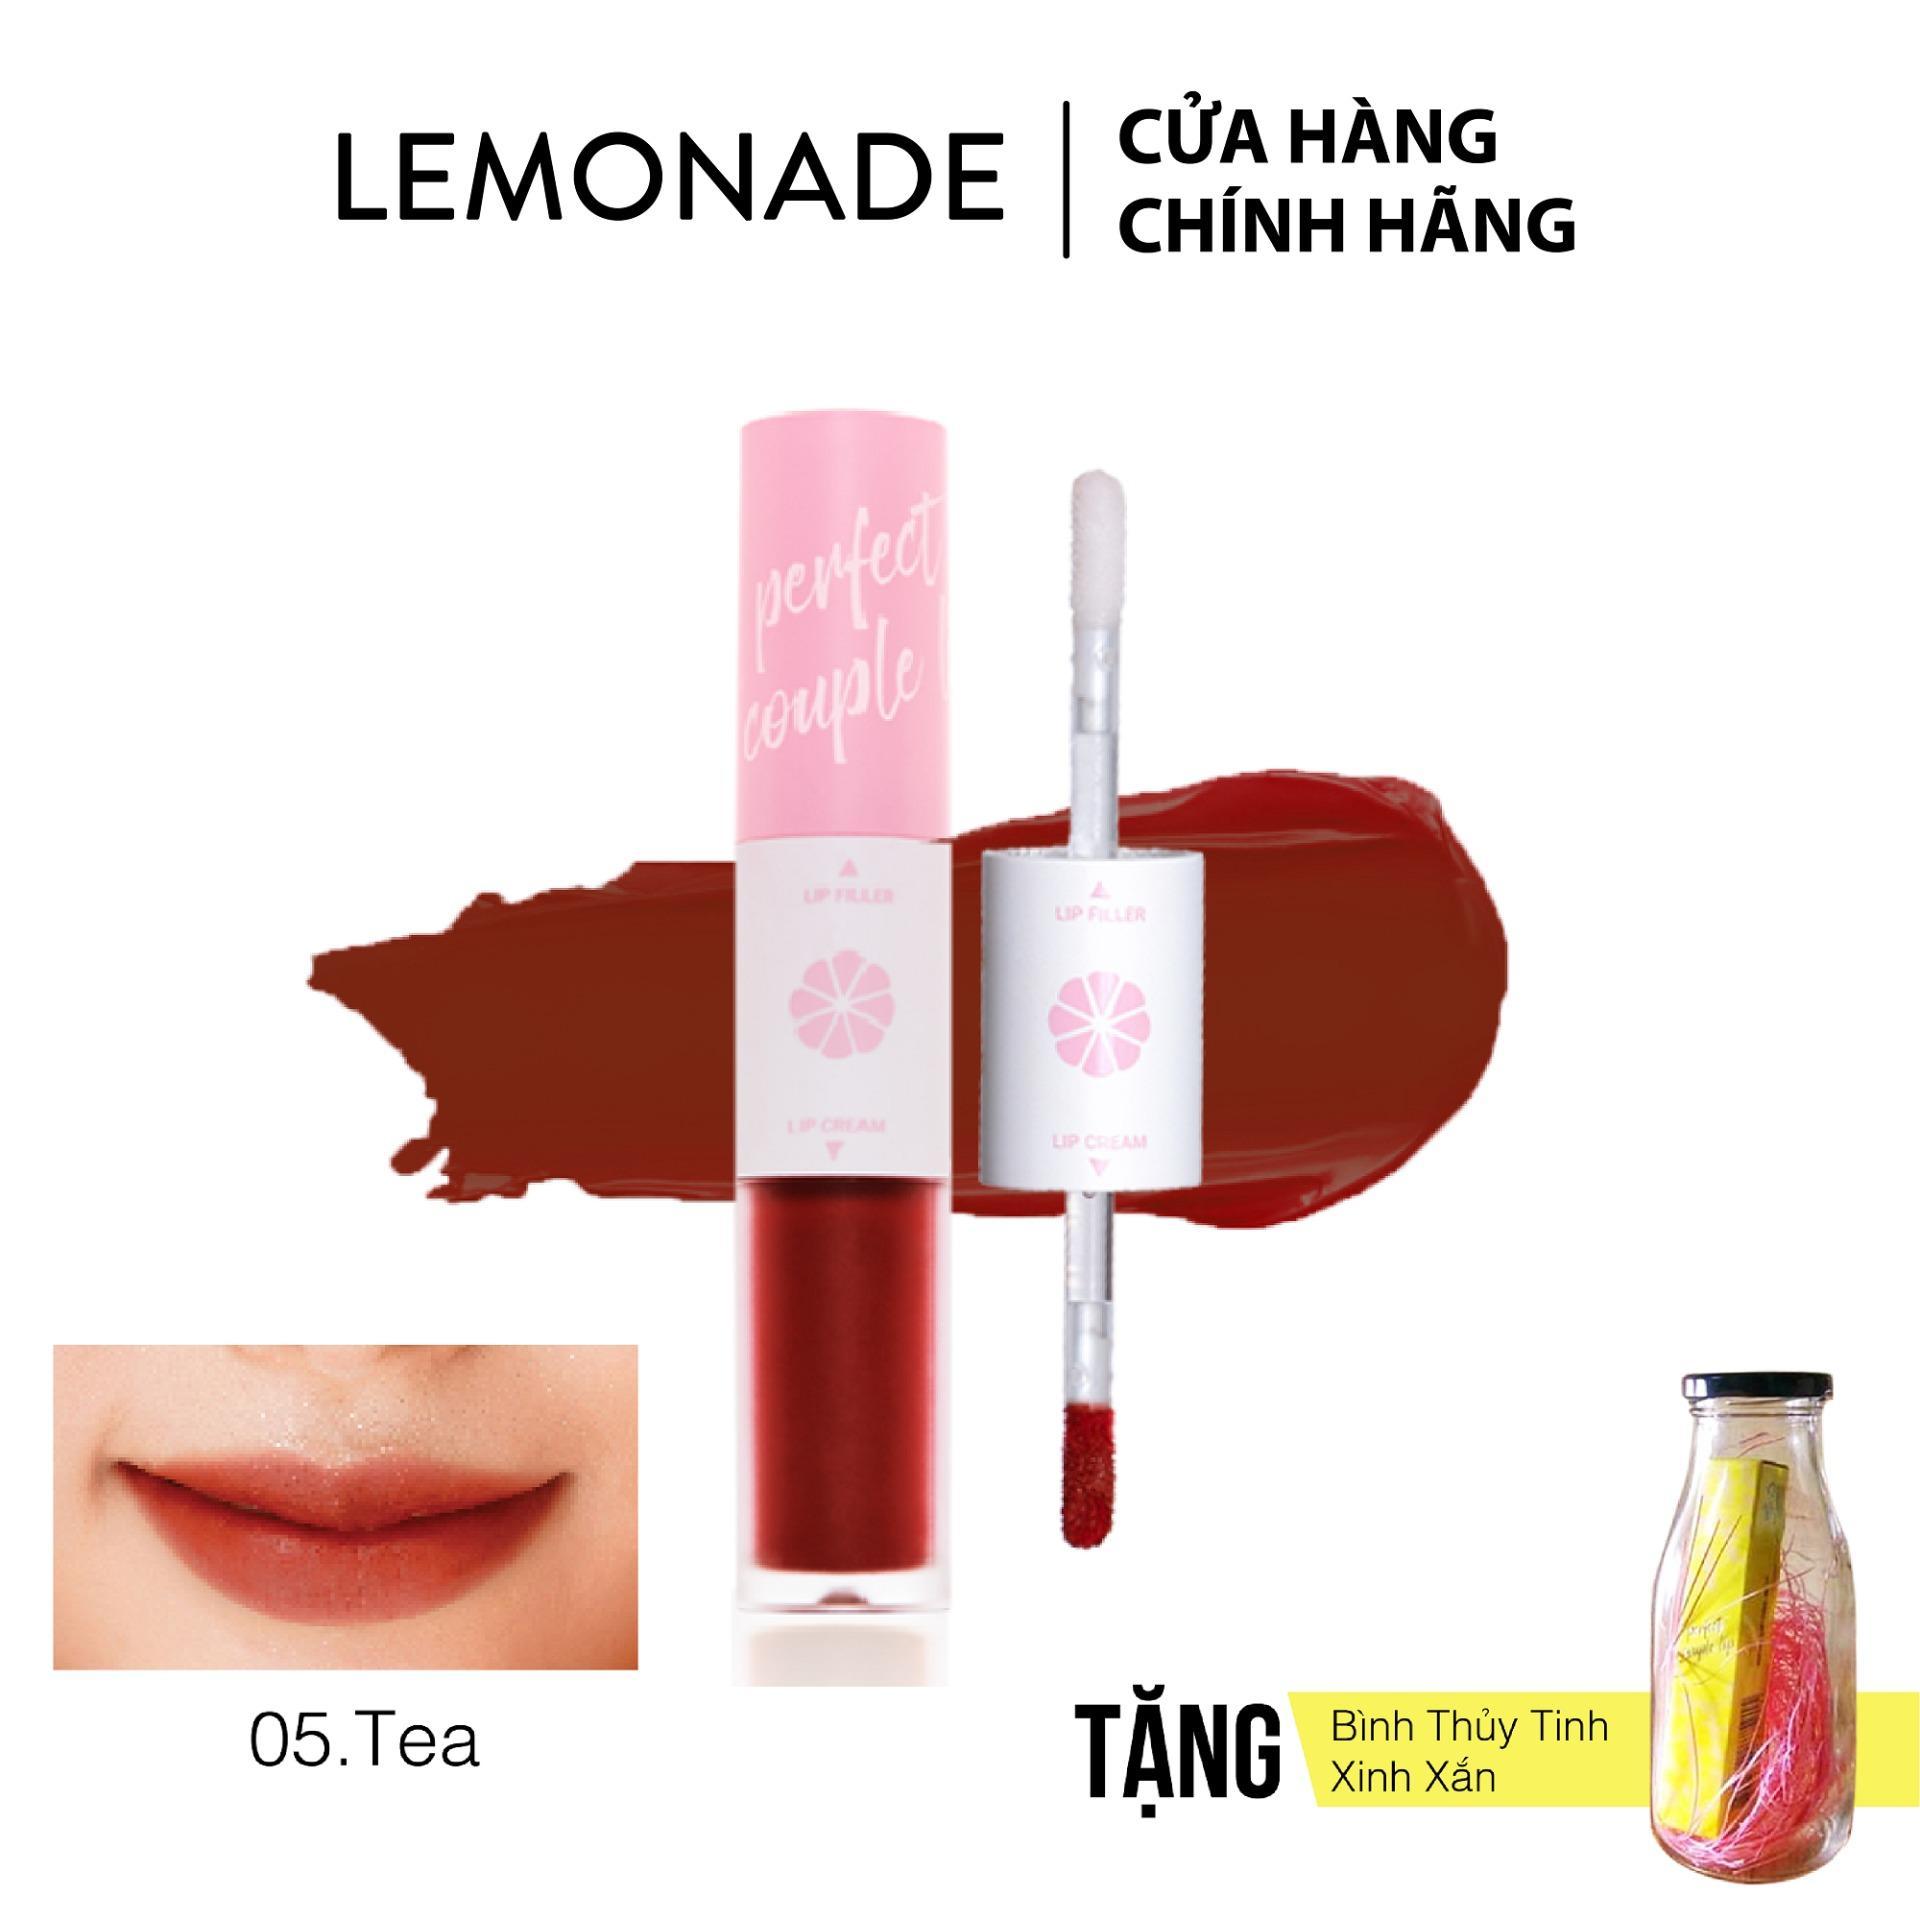 Son LEMONADE Perfect couple lip 05 Tea đỏ đất - Tặng kèm bình thủy tinh xinh xắn tốt nhất